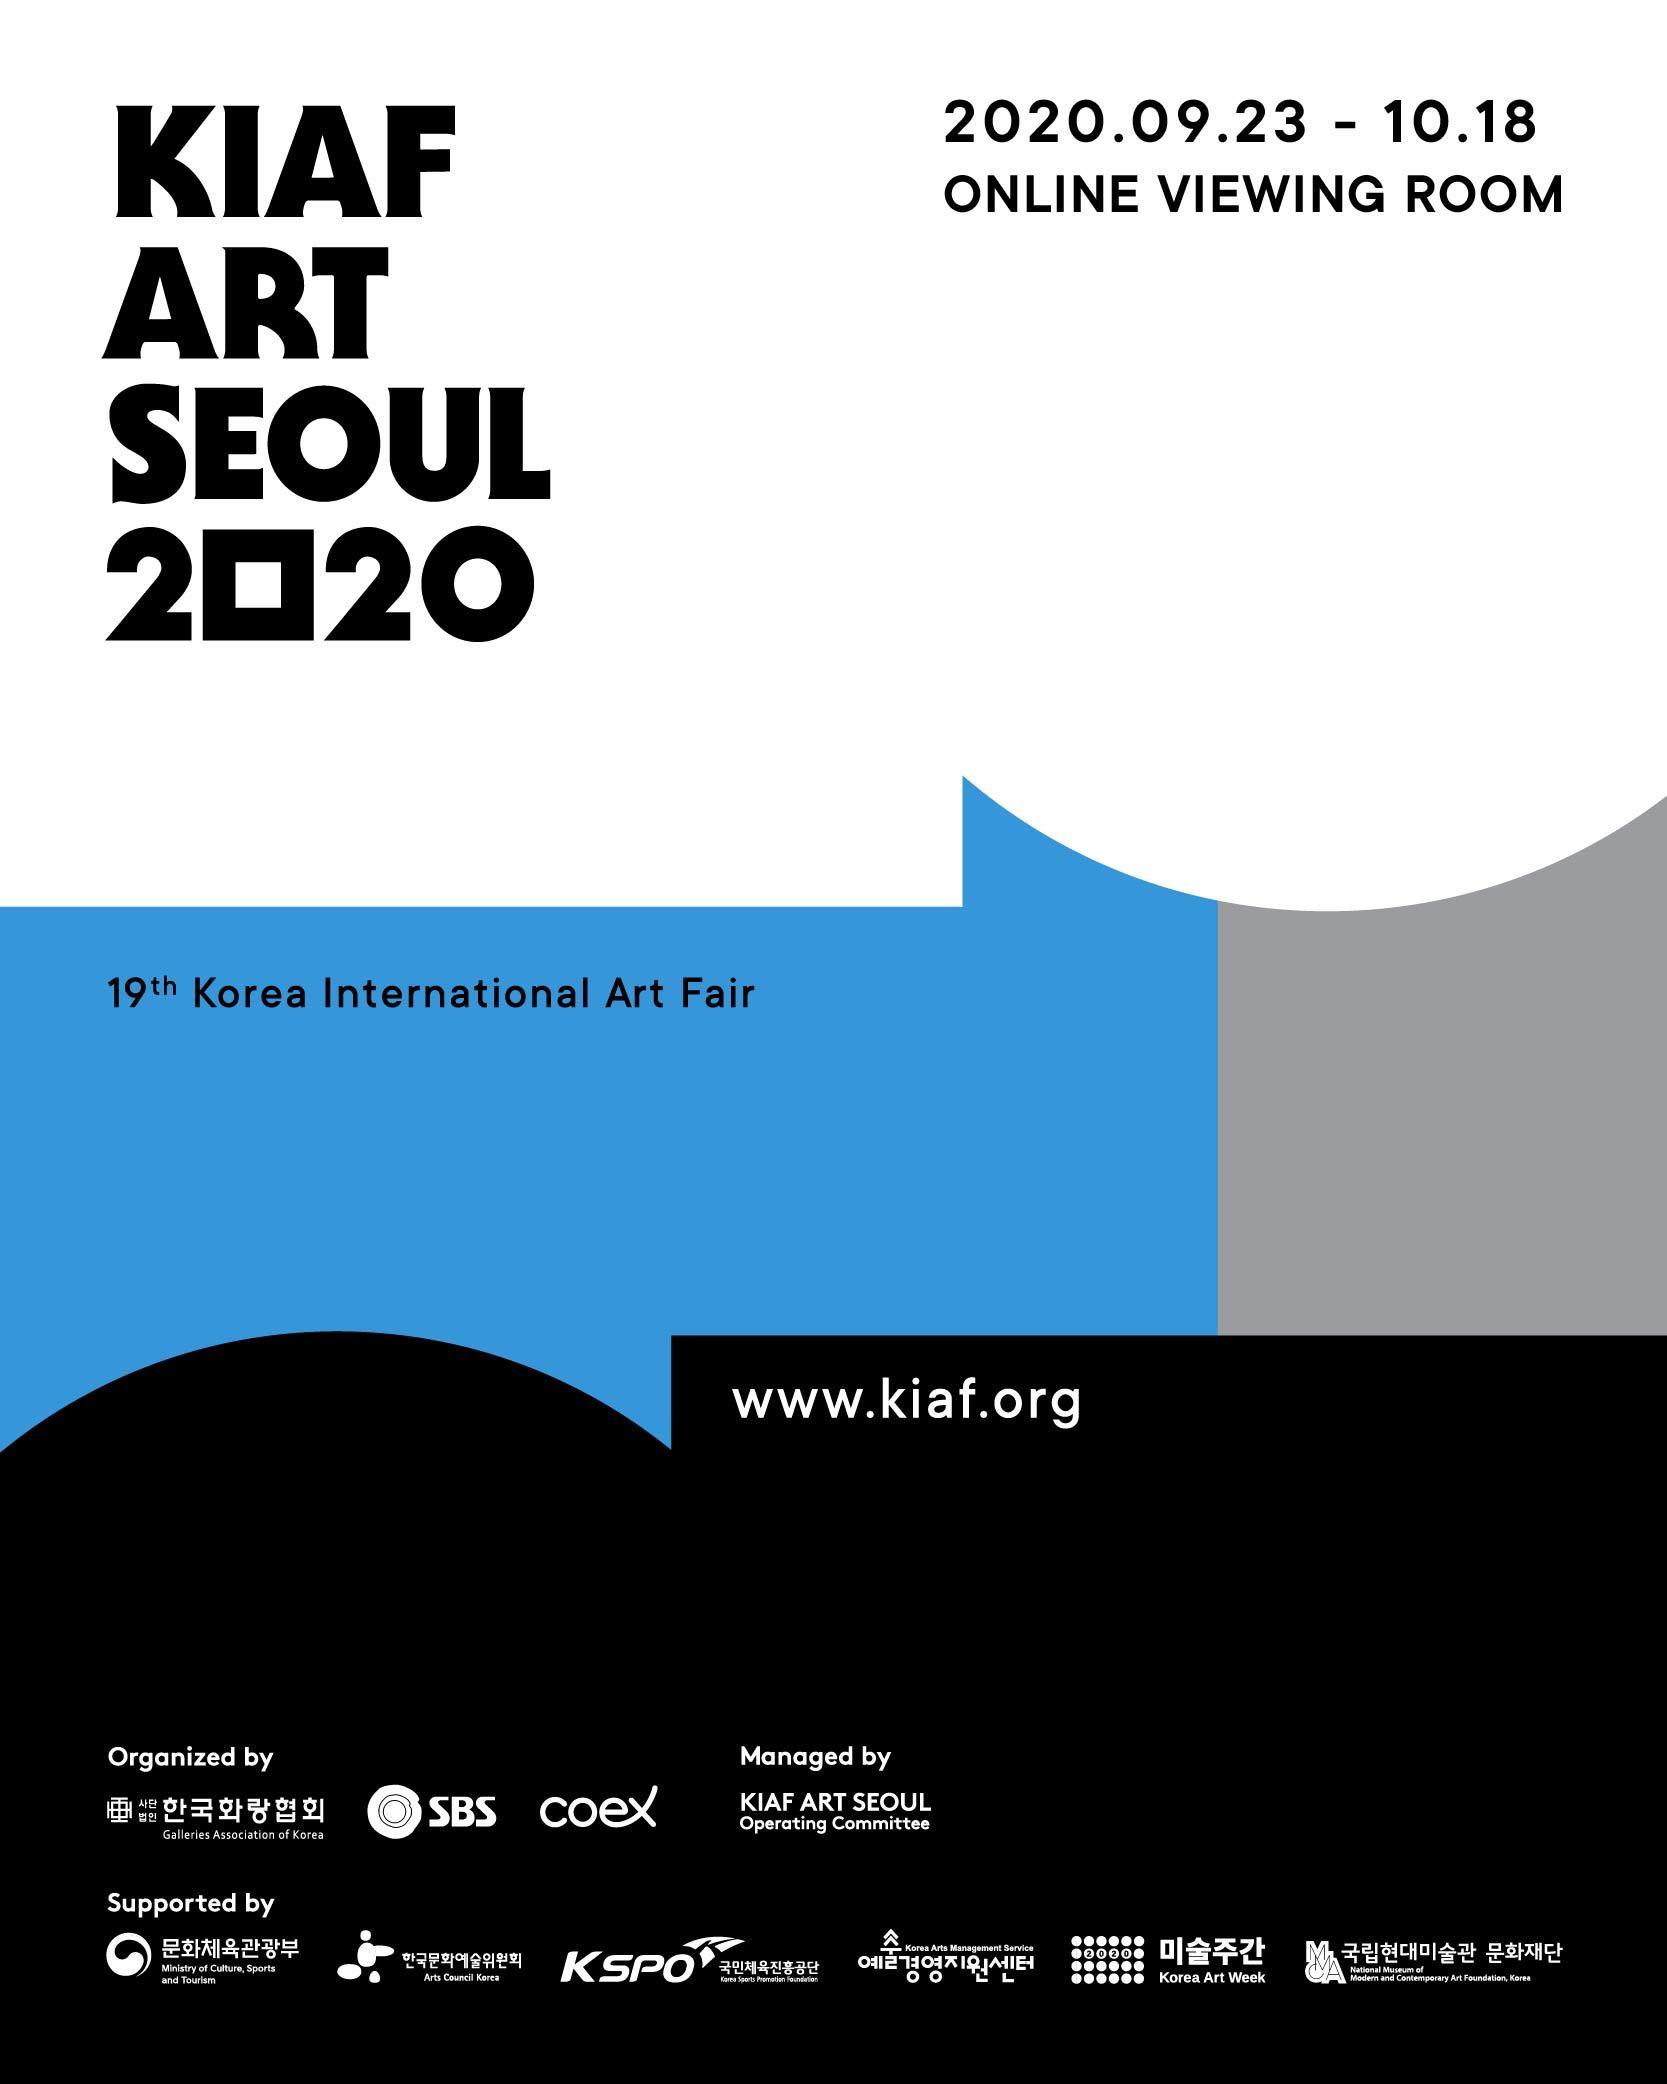 2020 한국국제아트페어 KIAF 작은 이미지